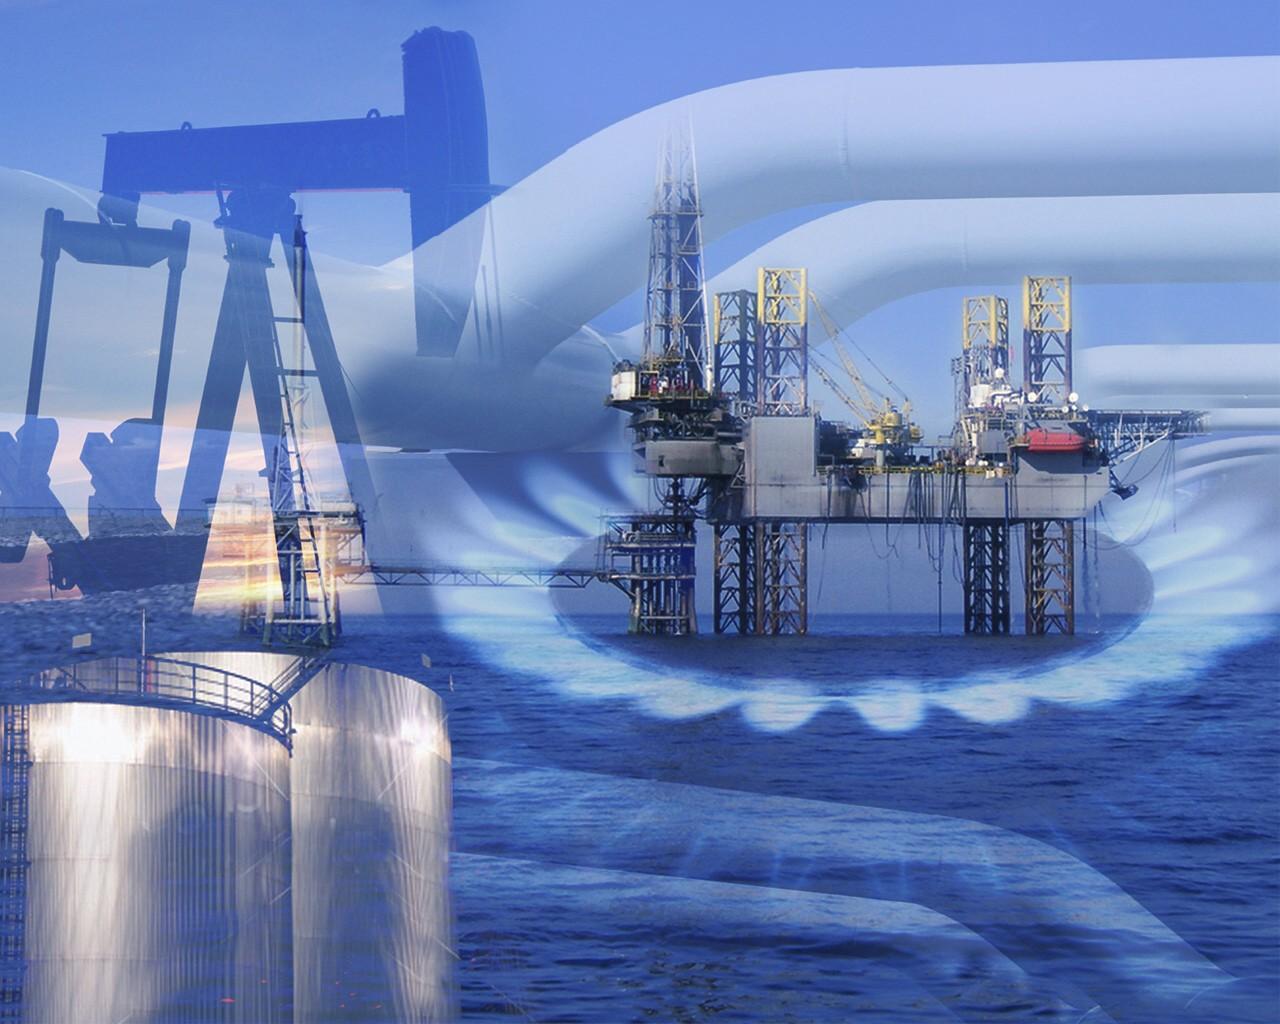 Картинки по нефть и газу